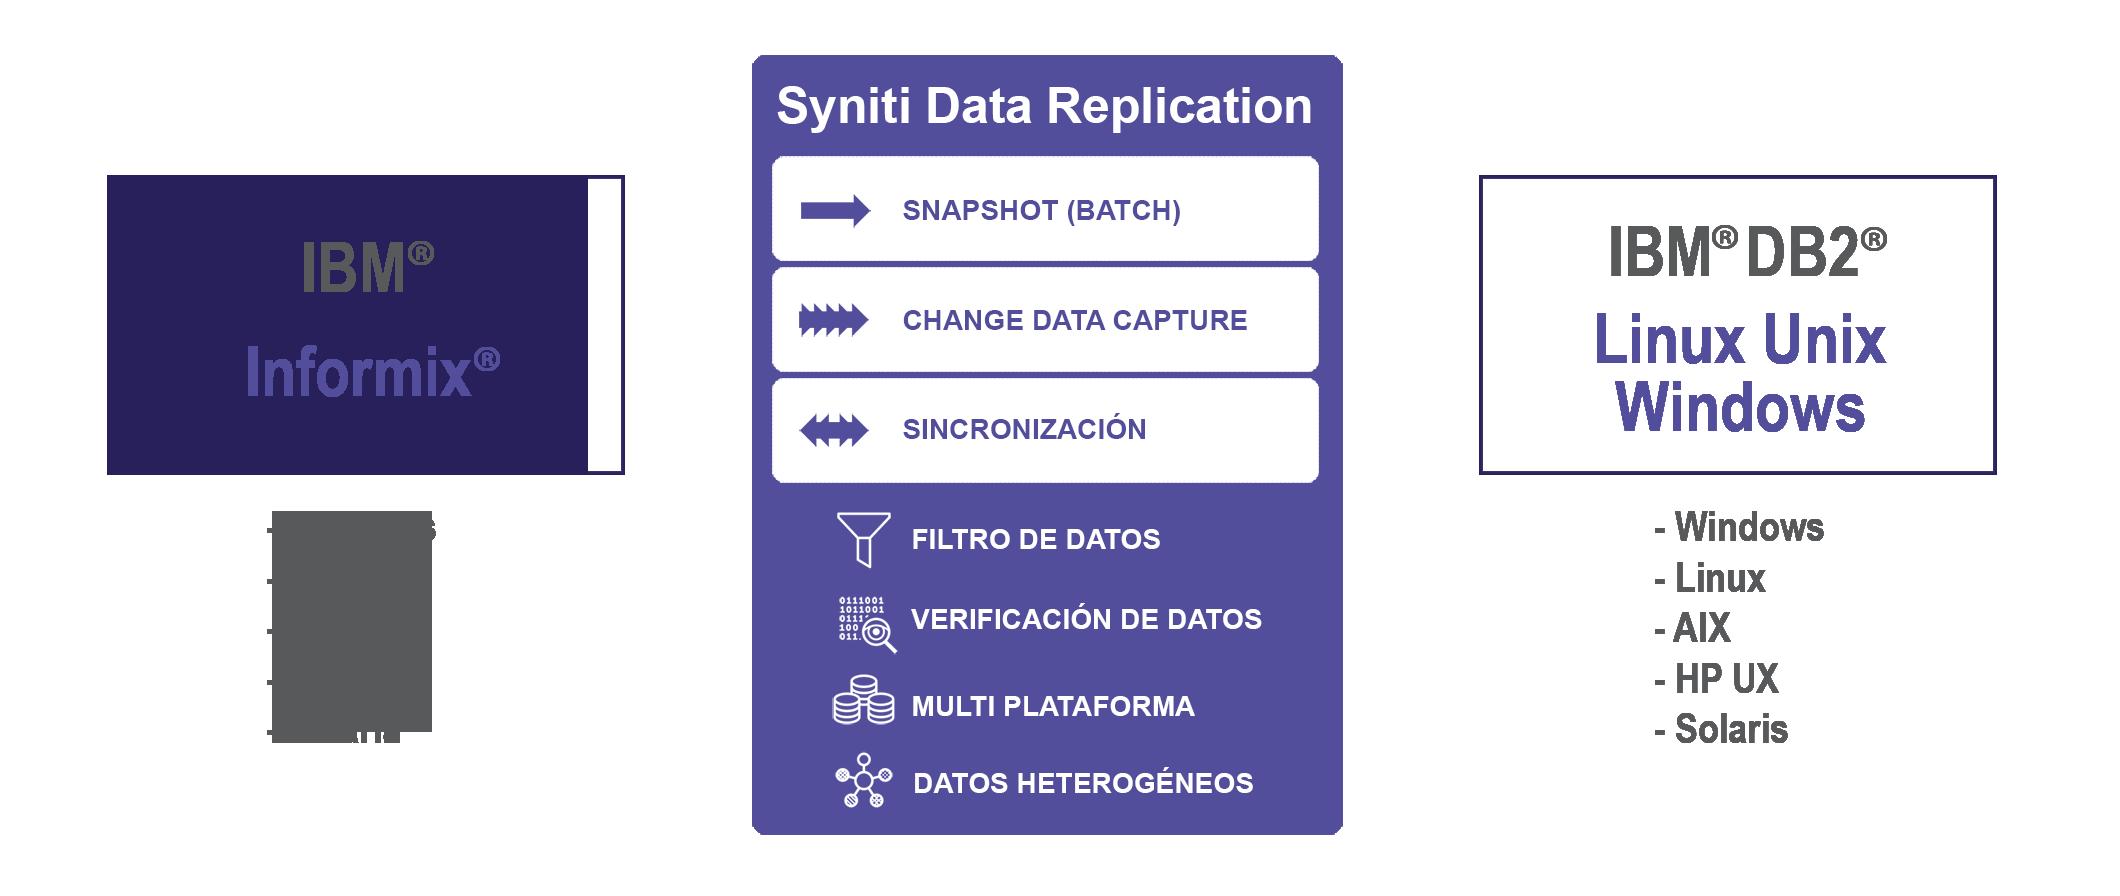 Replicacion de datos Informix a DB2 LUW en tiempo real